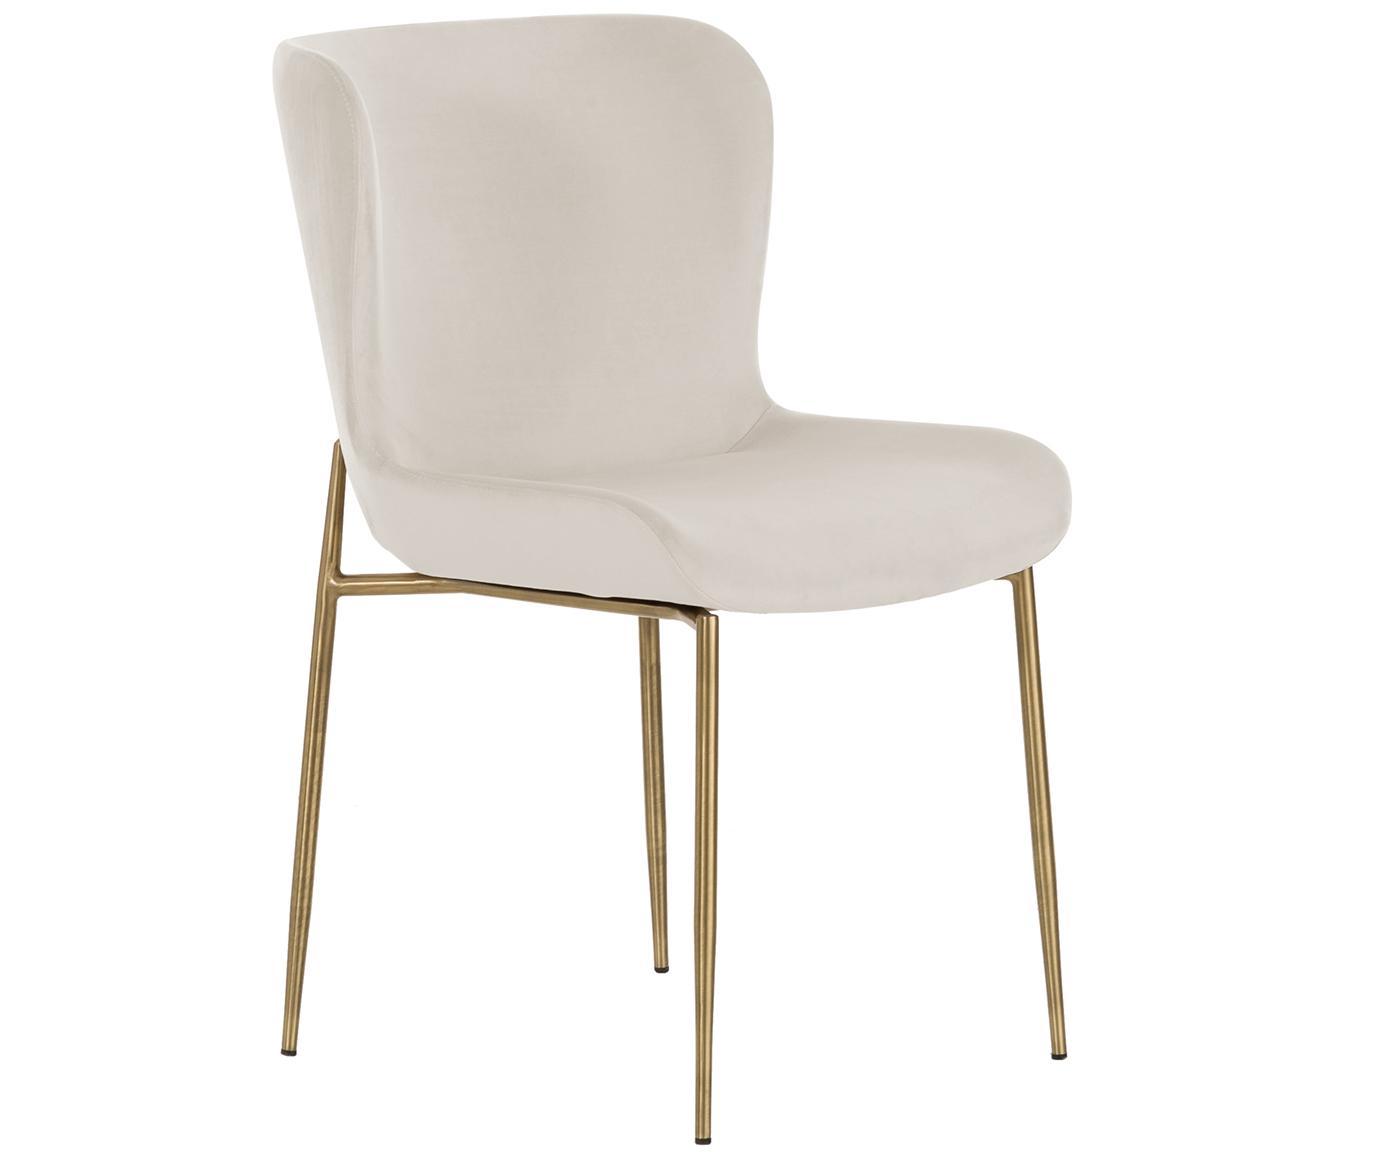 Fluwelen stoel Tess, Bekleding: fluweel (polyester), Poten: gecoat metaal, Fluweel beige, poten goudkleurig, 48 x 84 cm